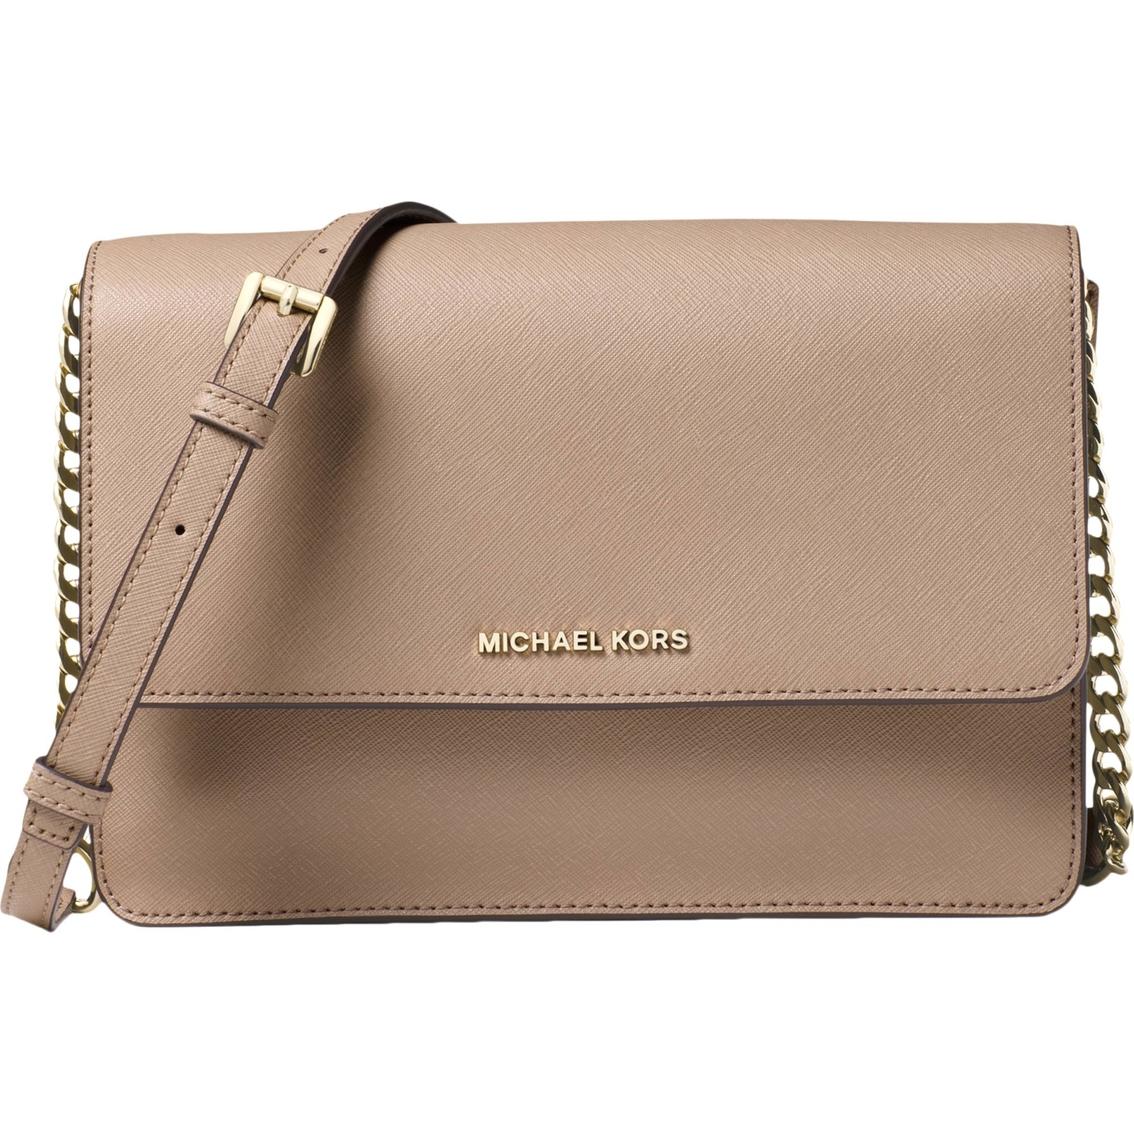 da256cf414c6 Michael Kors Large Gusset Crossbody | Crossbody Bags | Handbags ...